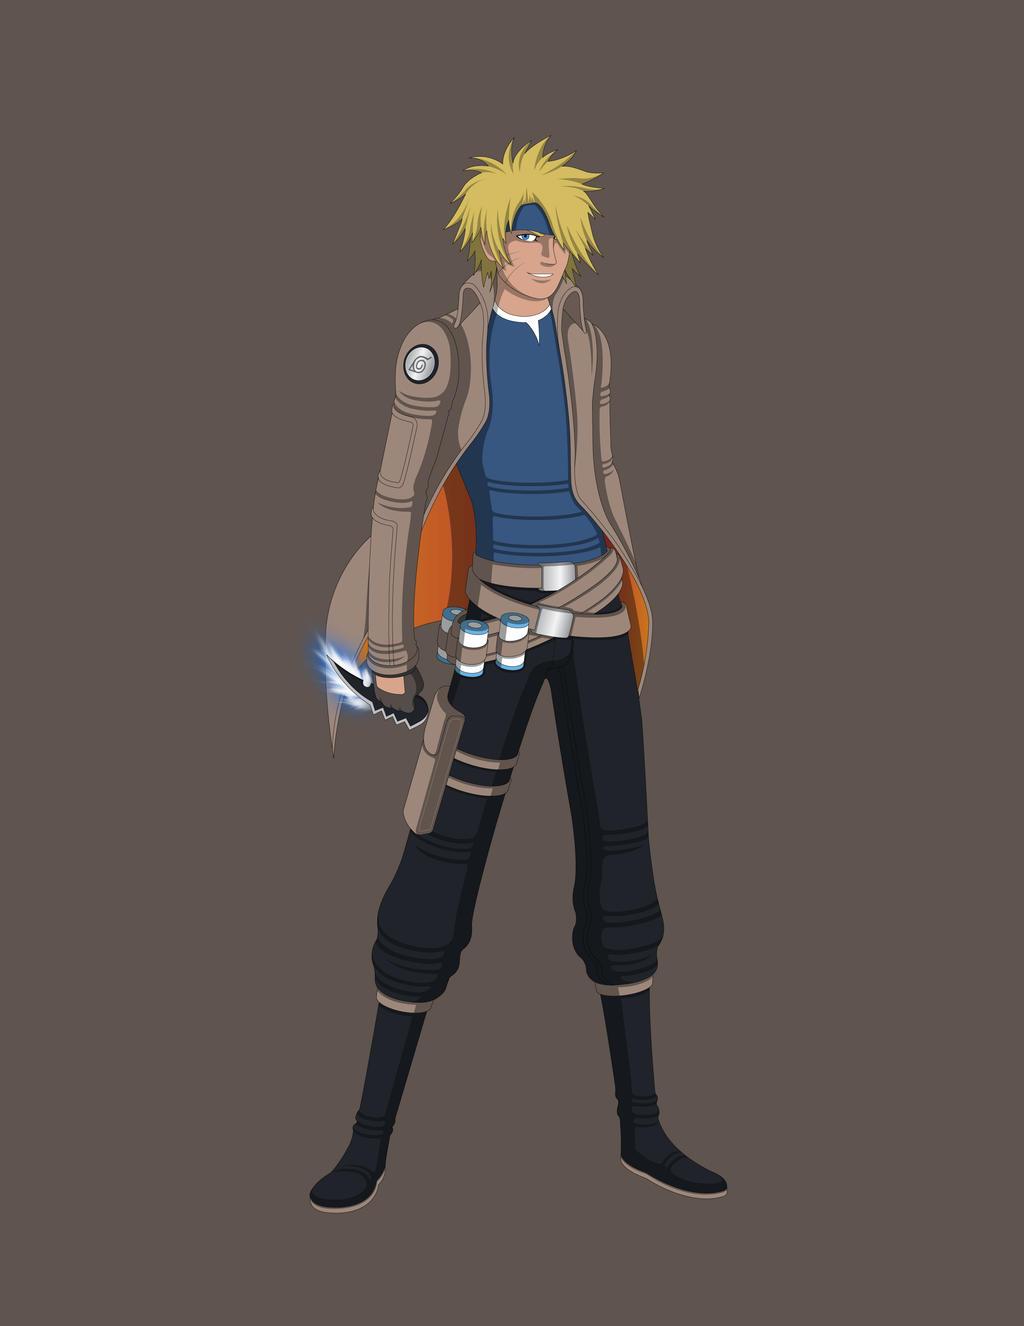 Naruto AU Design - Sarutobi Naruto by Jarein